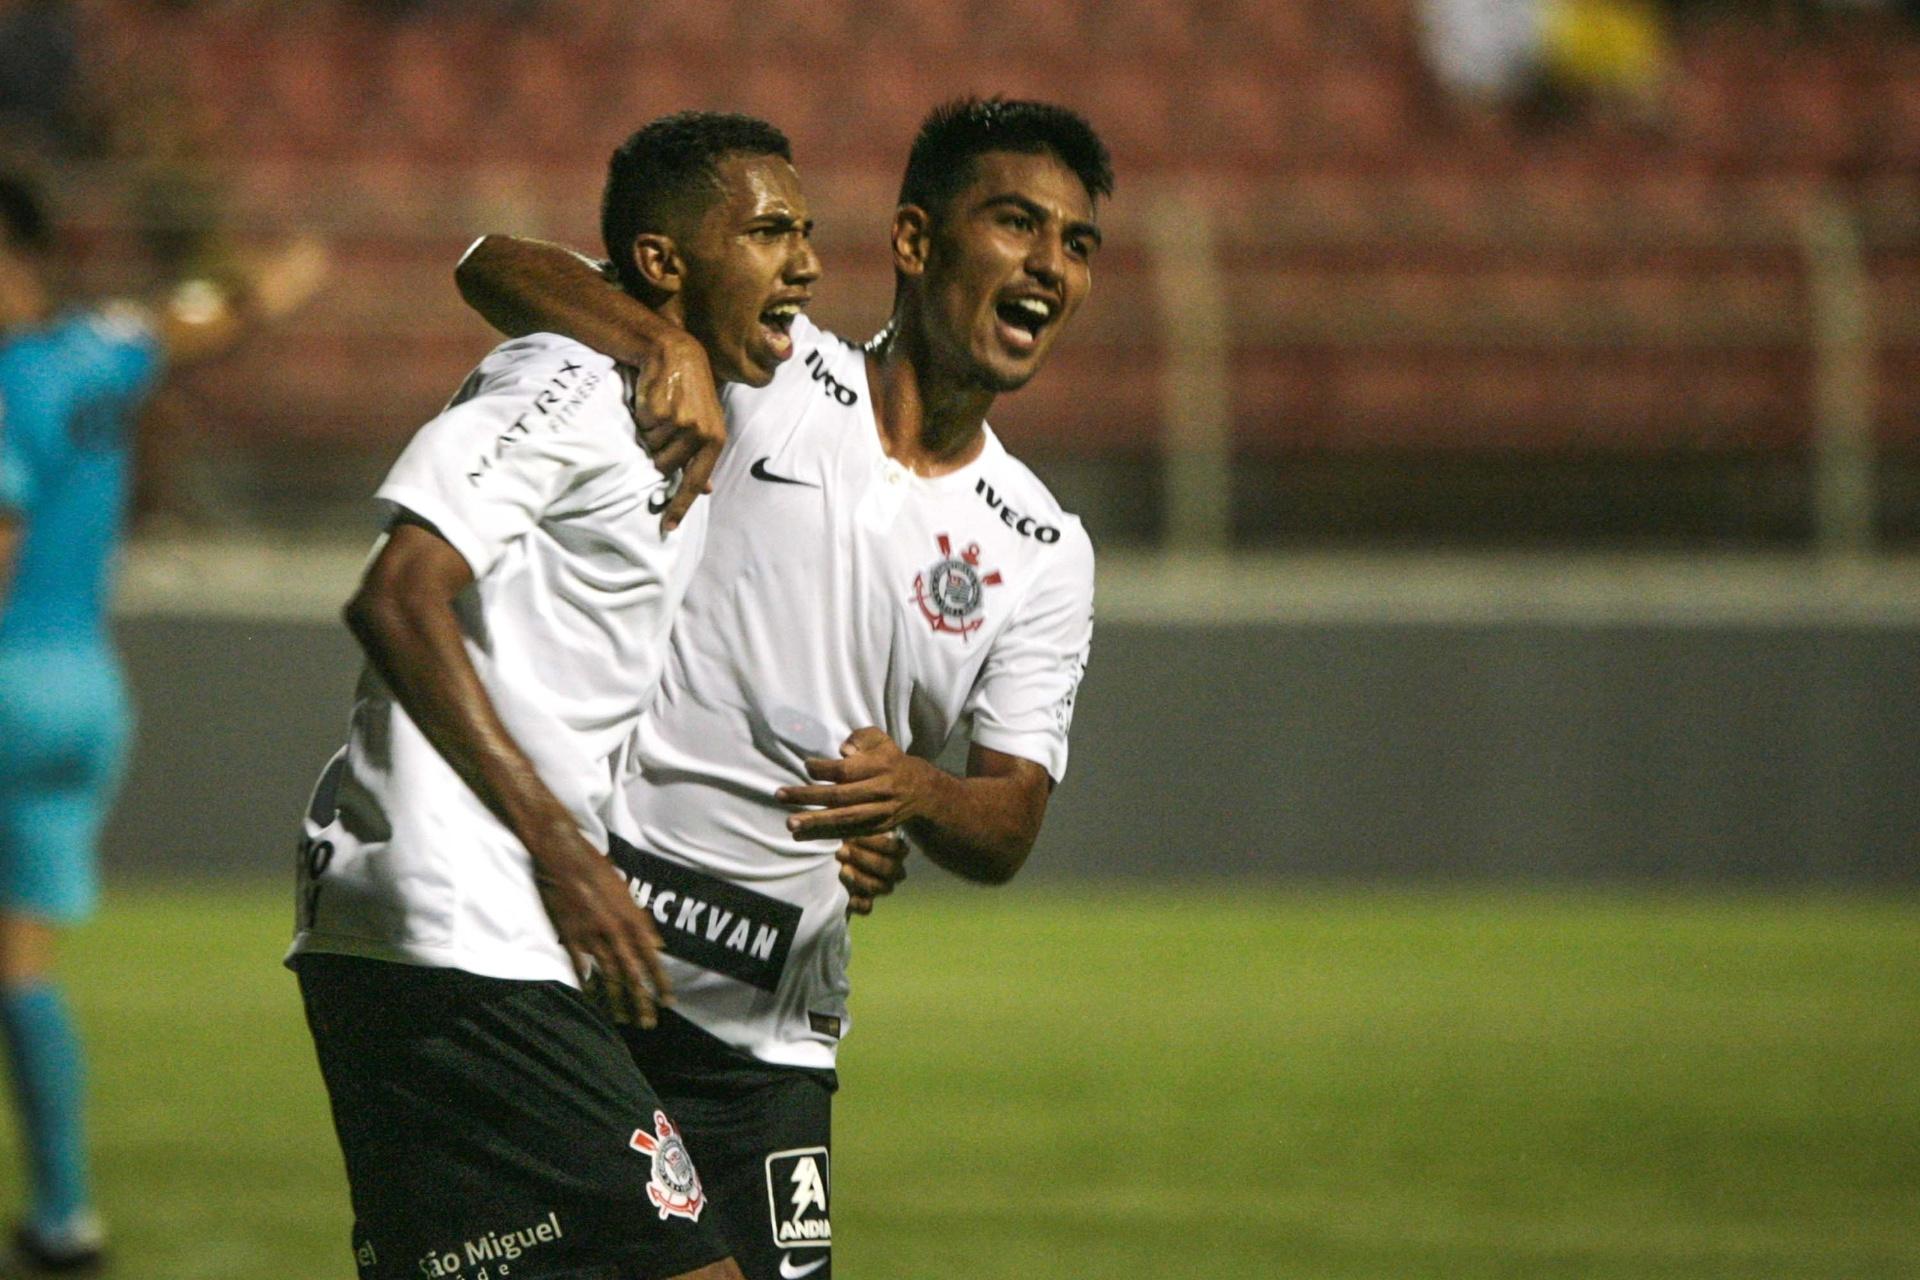 Corinthians segura vitória sobre Capital-TO e estreia com emoção na Copinha  - 02 01 2019 - UOL Esporte d289bfb279d02